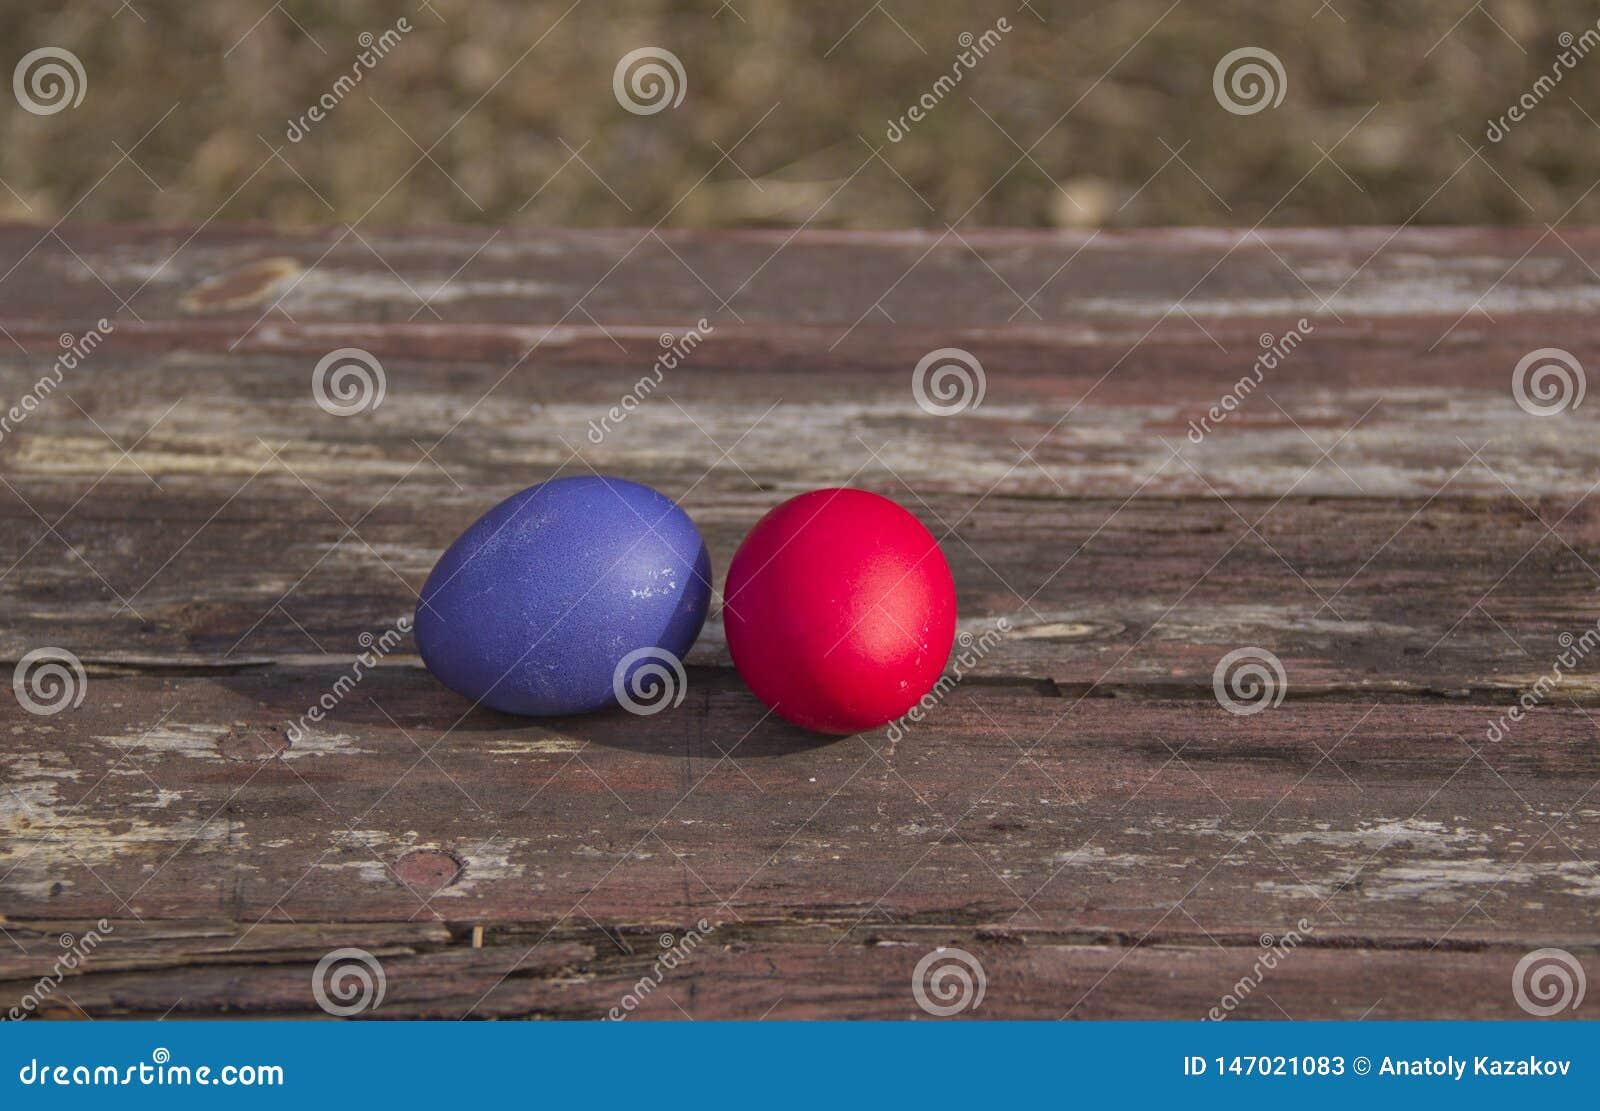 Gemalte Eier auf einem Holztisch